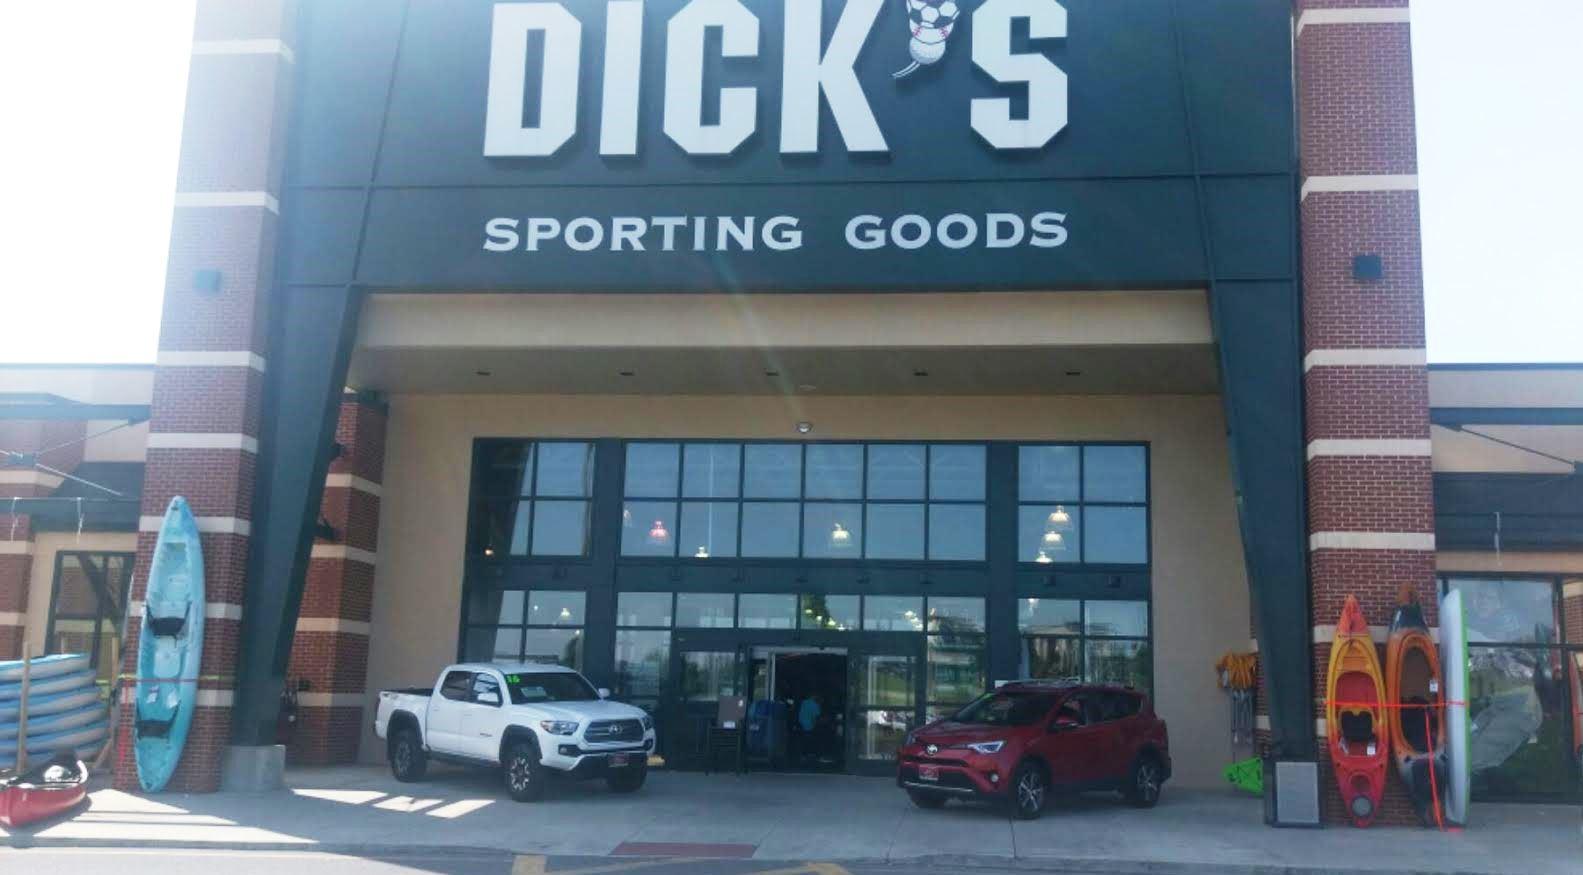 Big dick sporting